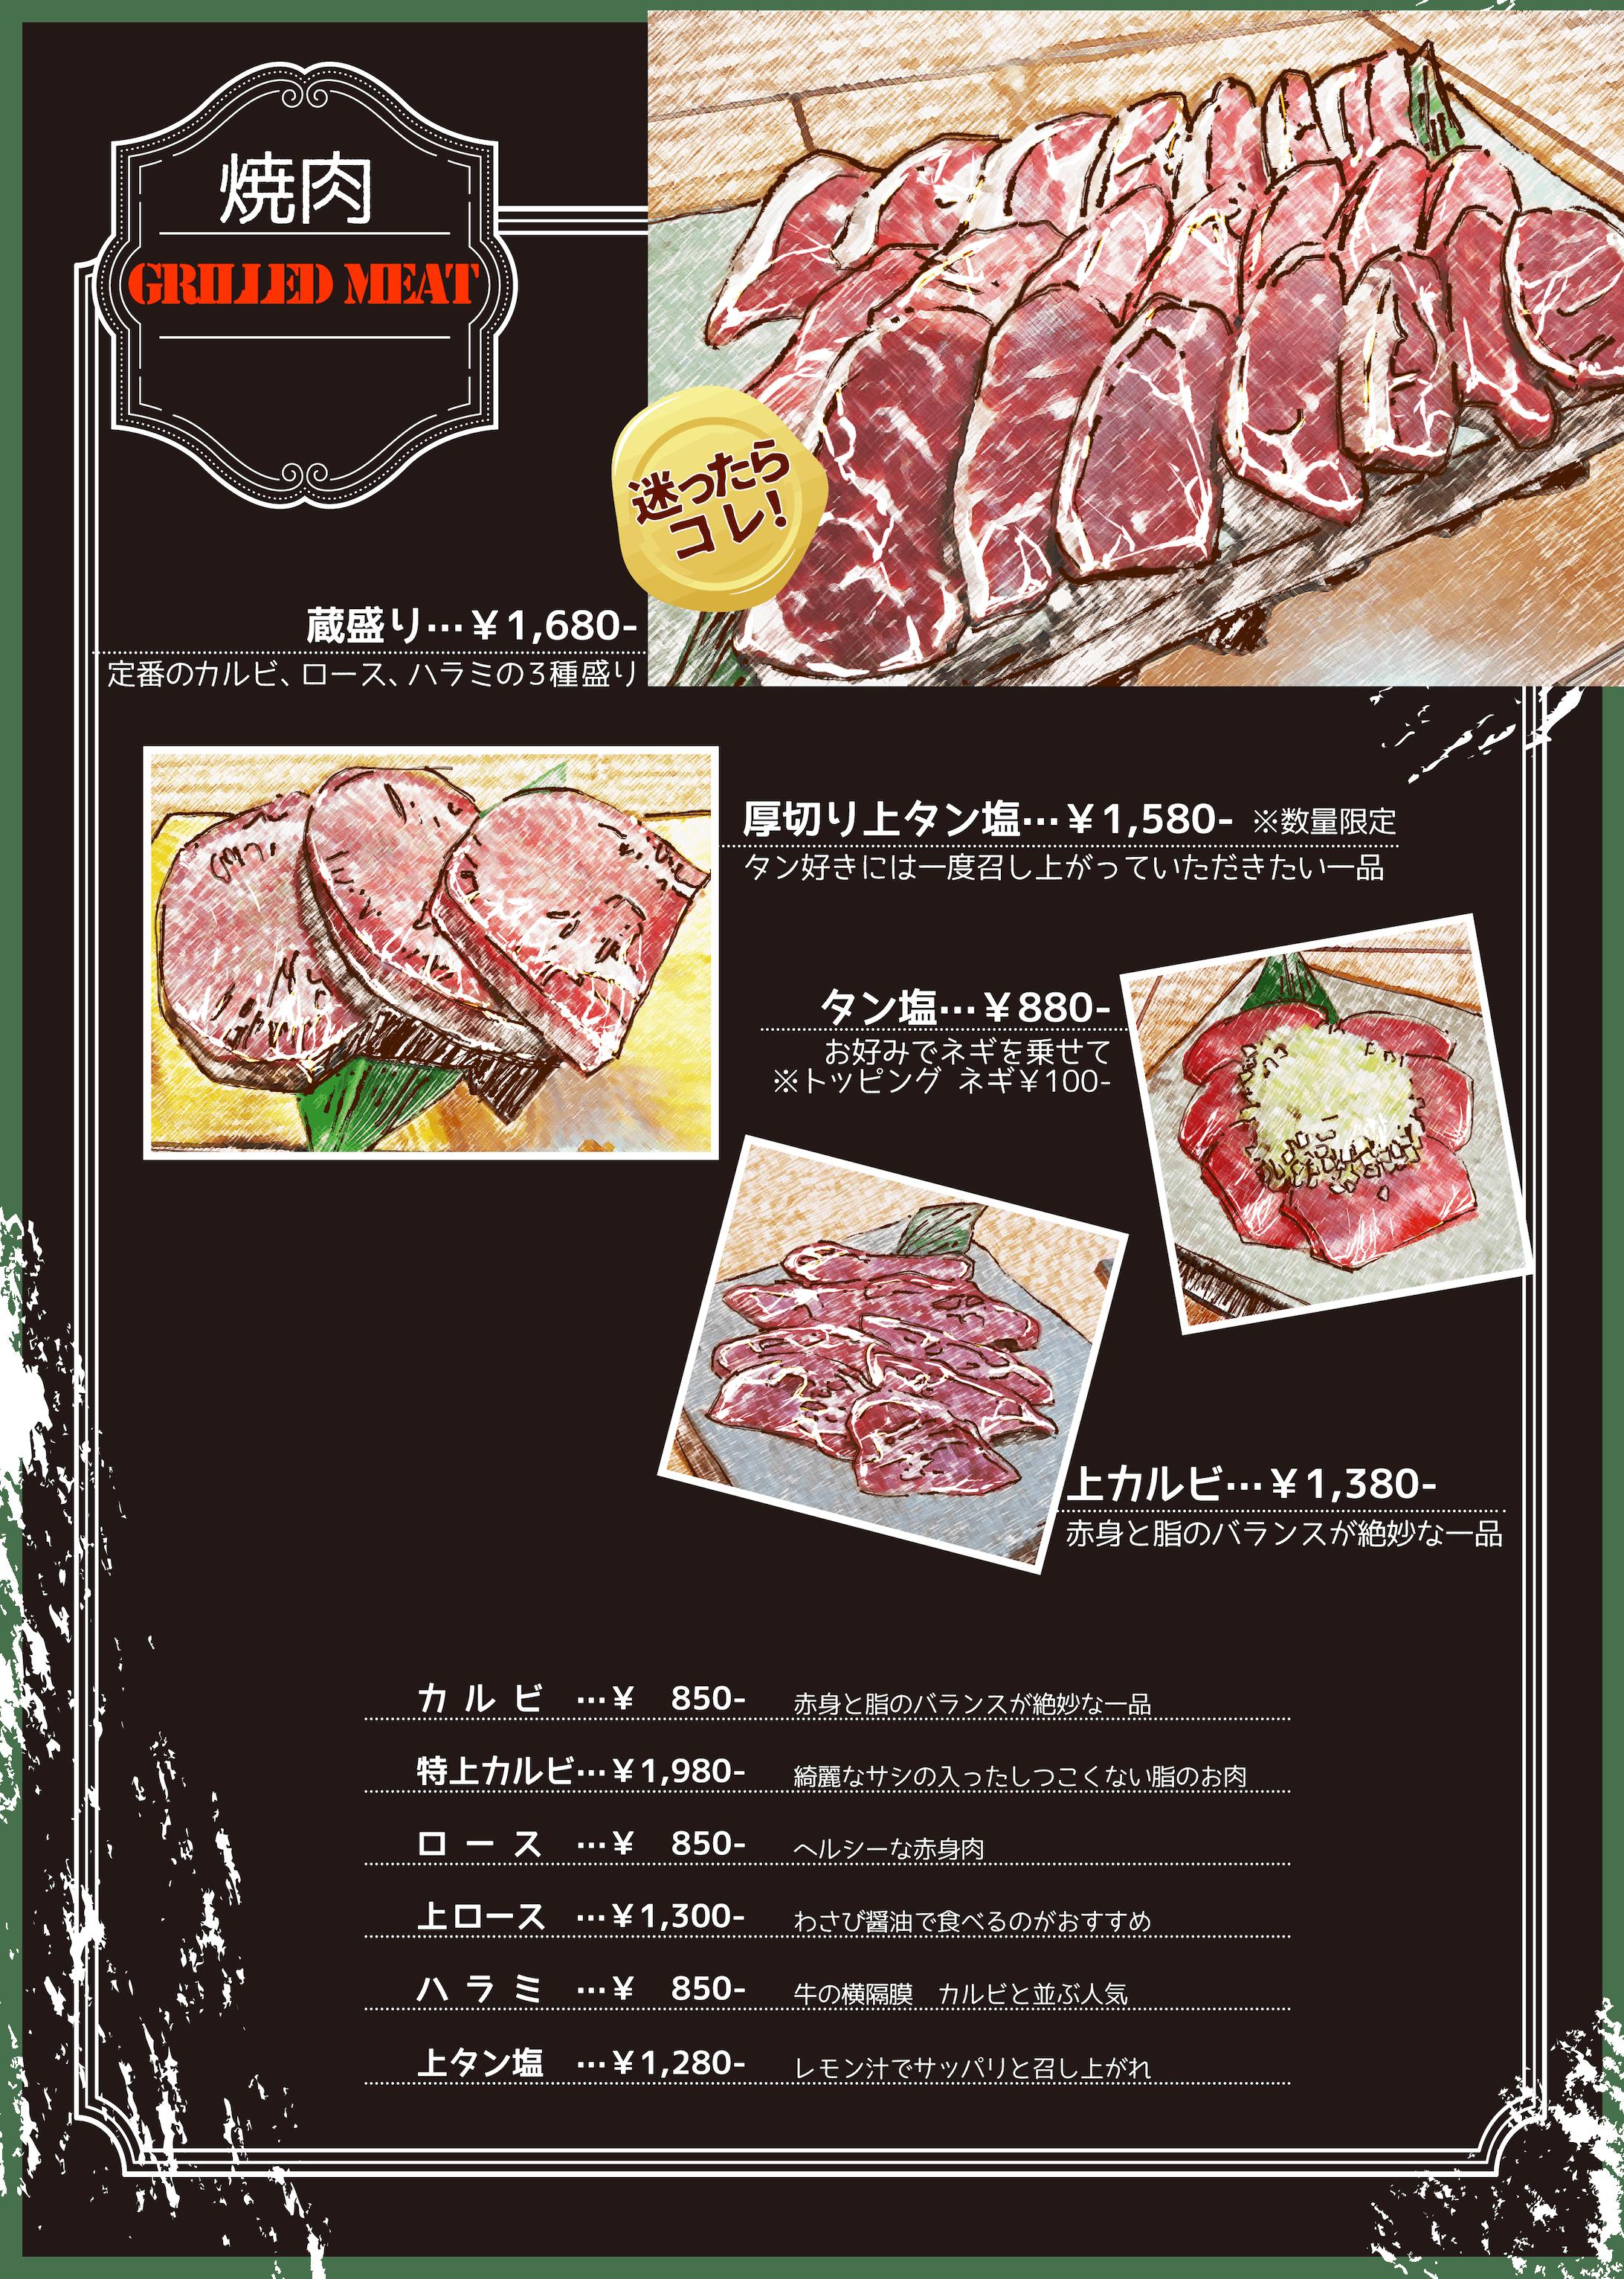 飲食店メニュー表-2